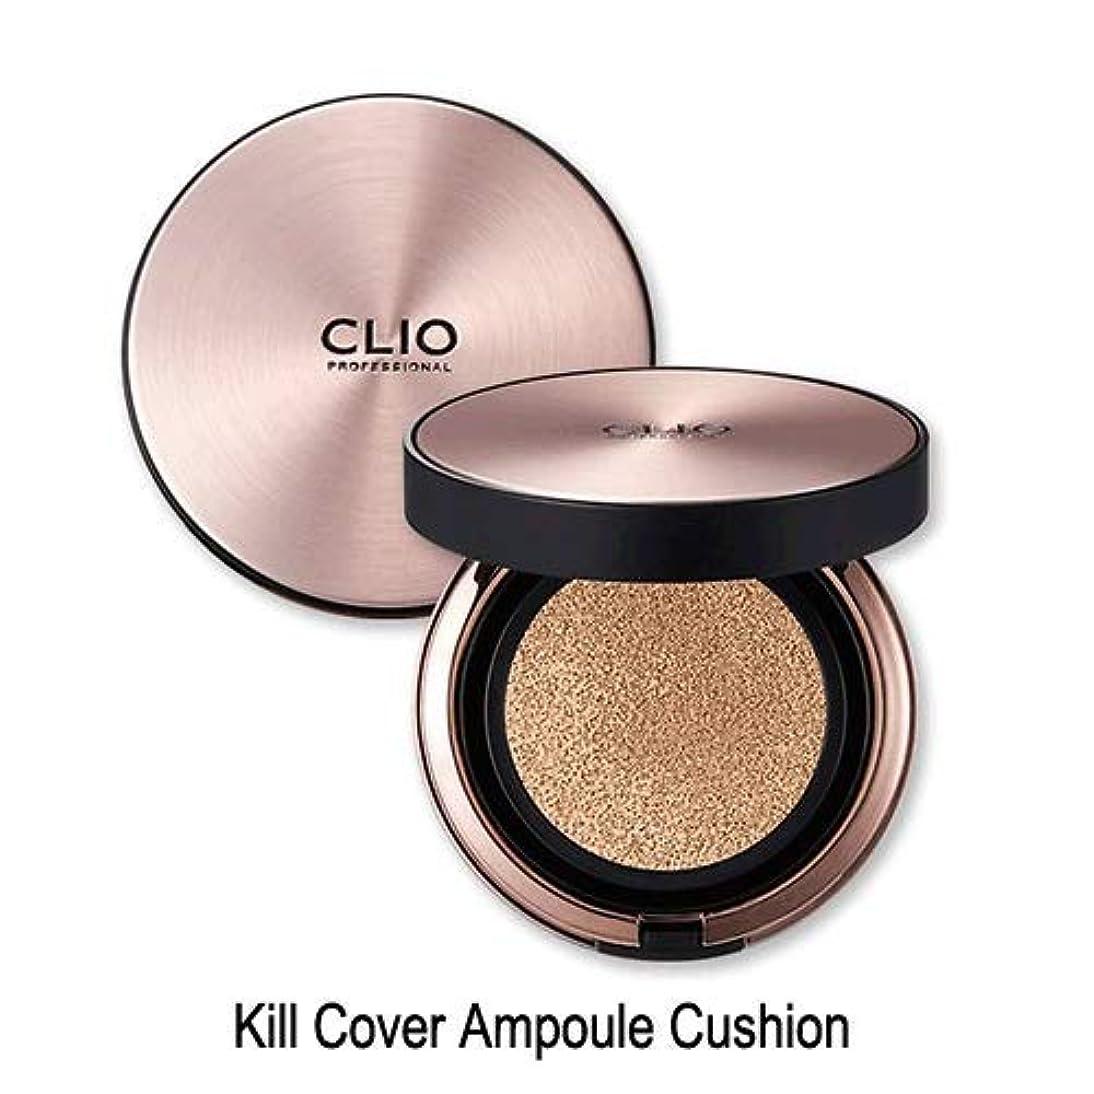 真鍮リル無視するキルカバー アンプル クッション(Kill Cover Ampoule Cushion) 2ランジェリー